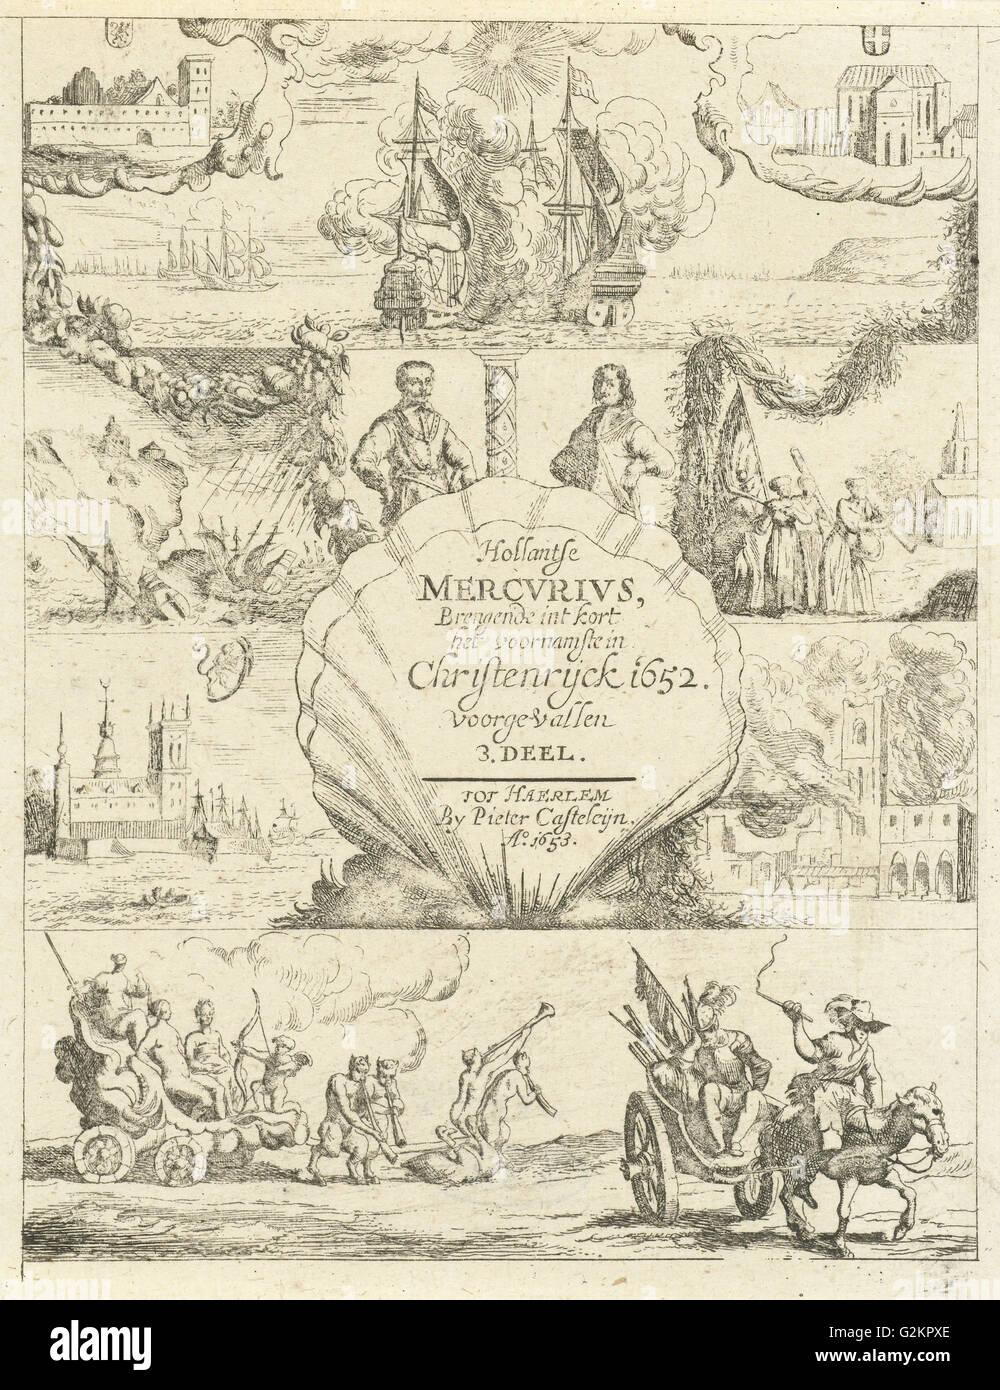 Numerosi gli eventi in Europa nell'anno 1652, stampa maker: Dirck de Bray, Pieter Casteleyn, 1653 Immagini Stock